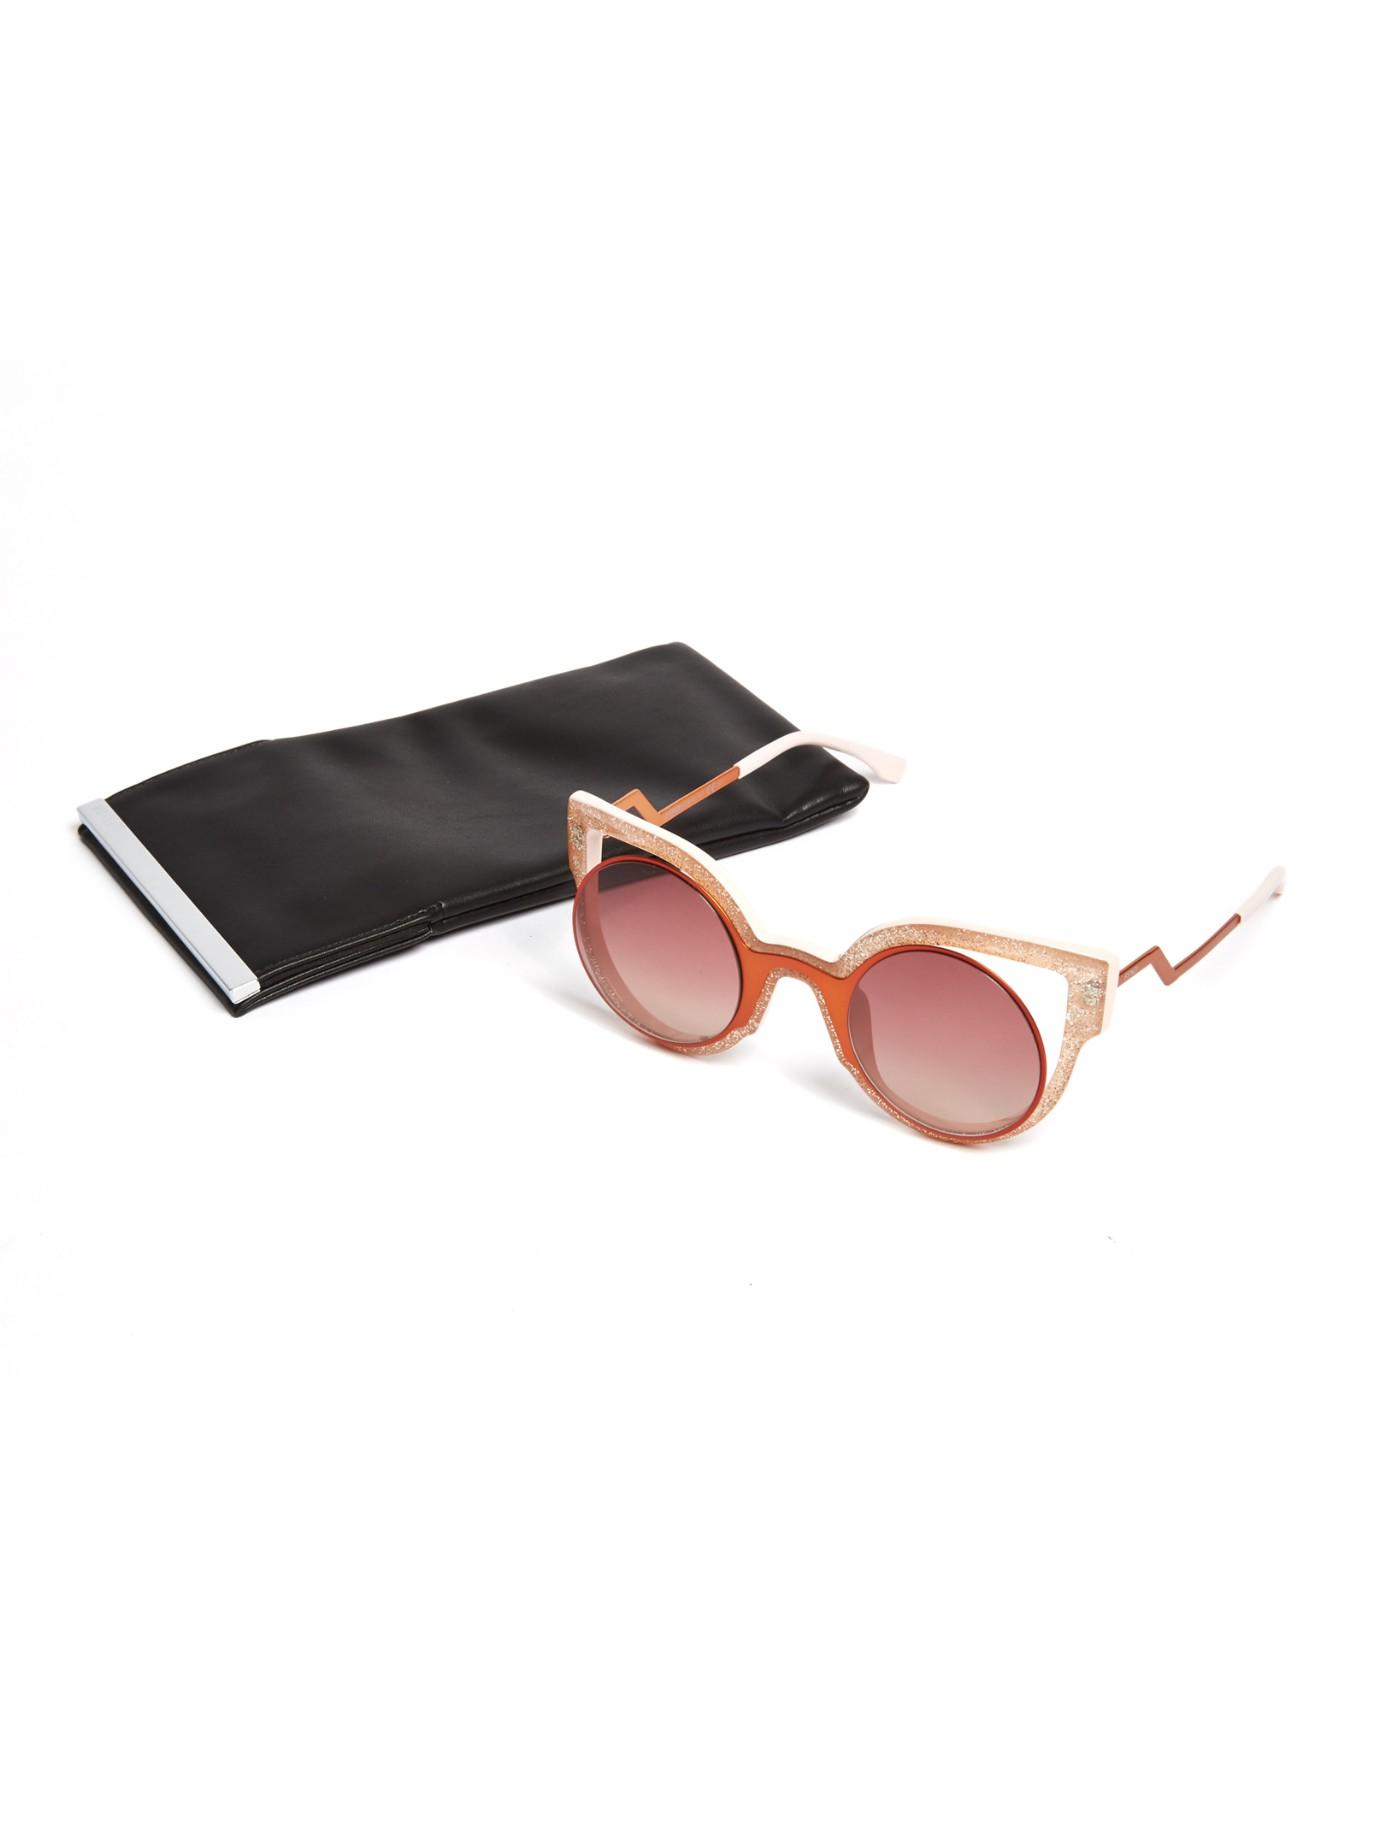 e16d4a6d226b Fendi Glitter Round-framed Sunglasses in Pink - Lyst